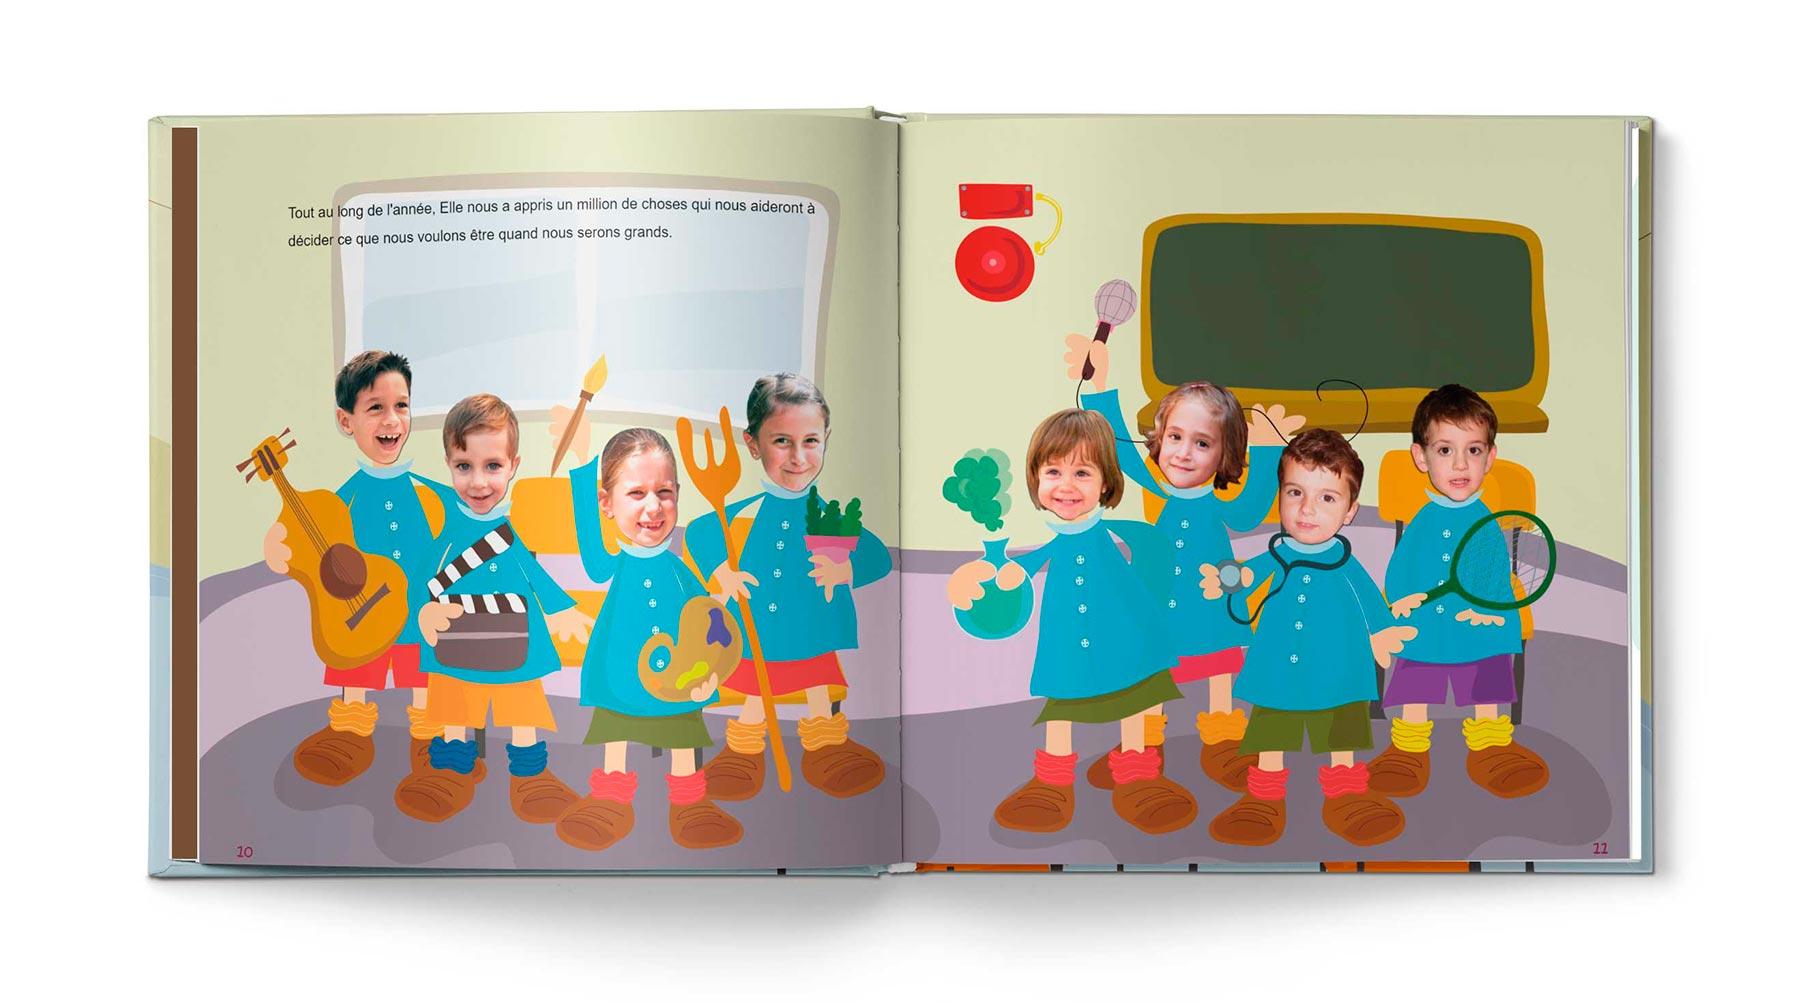 Histoire Le livre d'école - Image 5